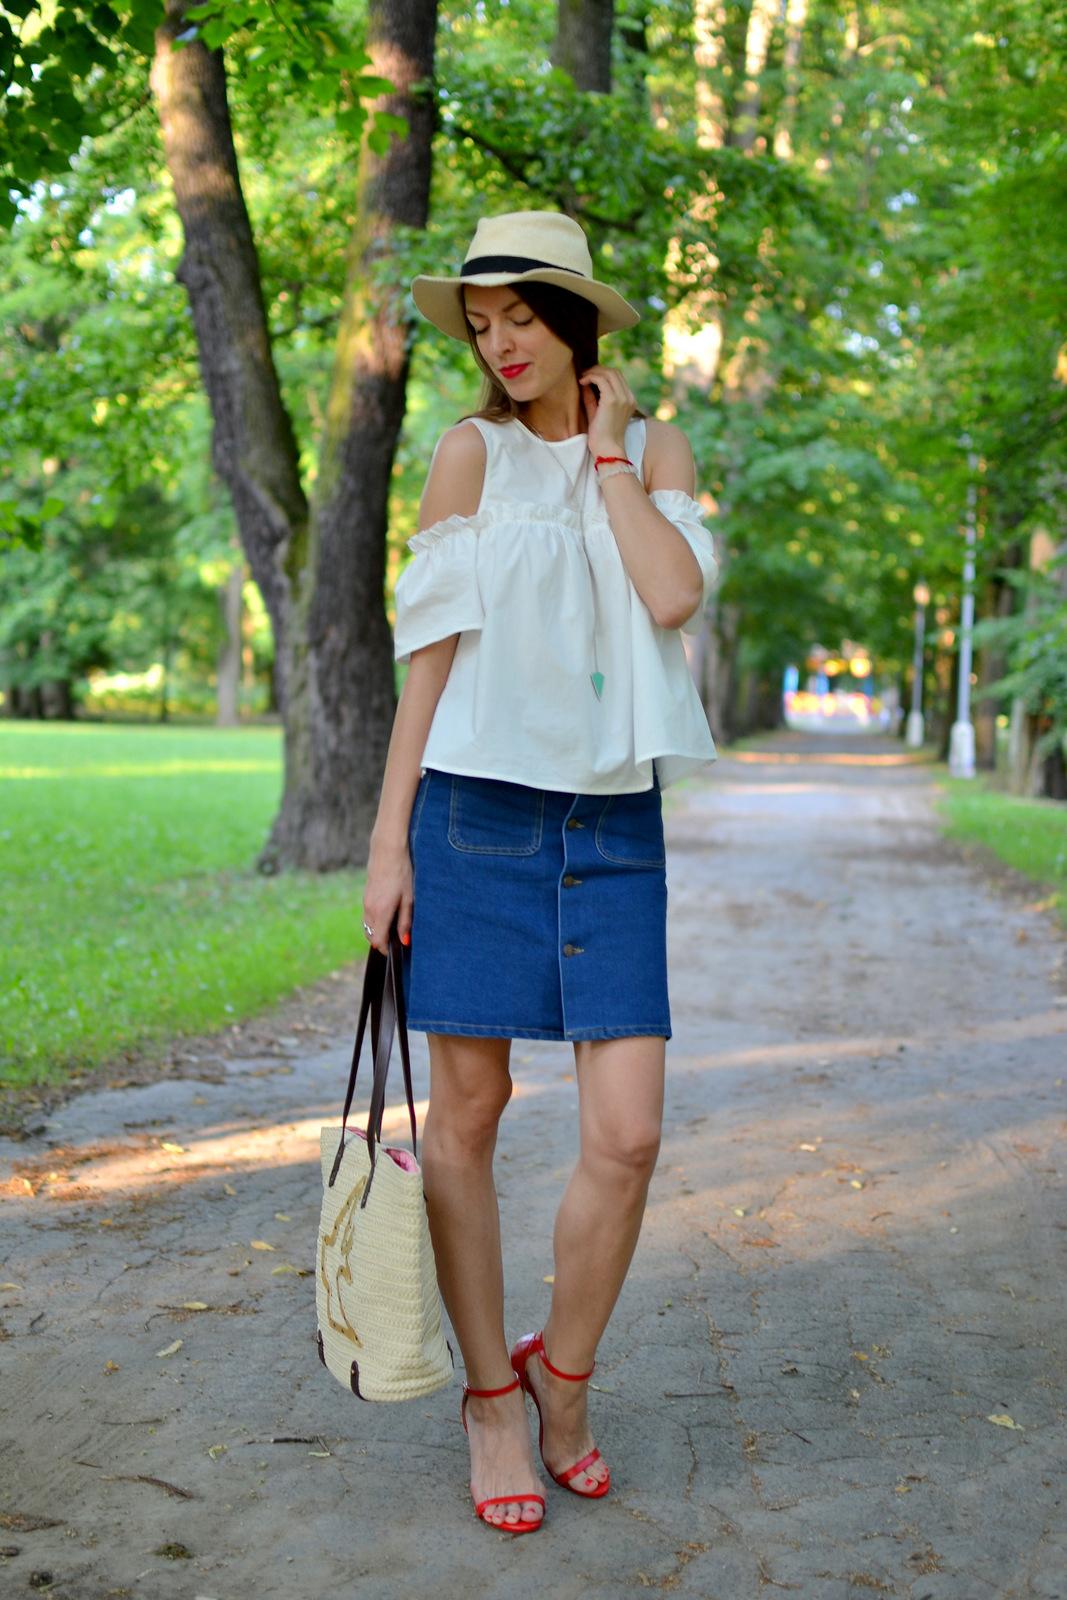 http://www.mademoiselleiva.com/2016/07/off-shoulders-white-blouse.html